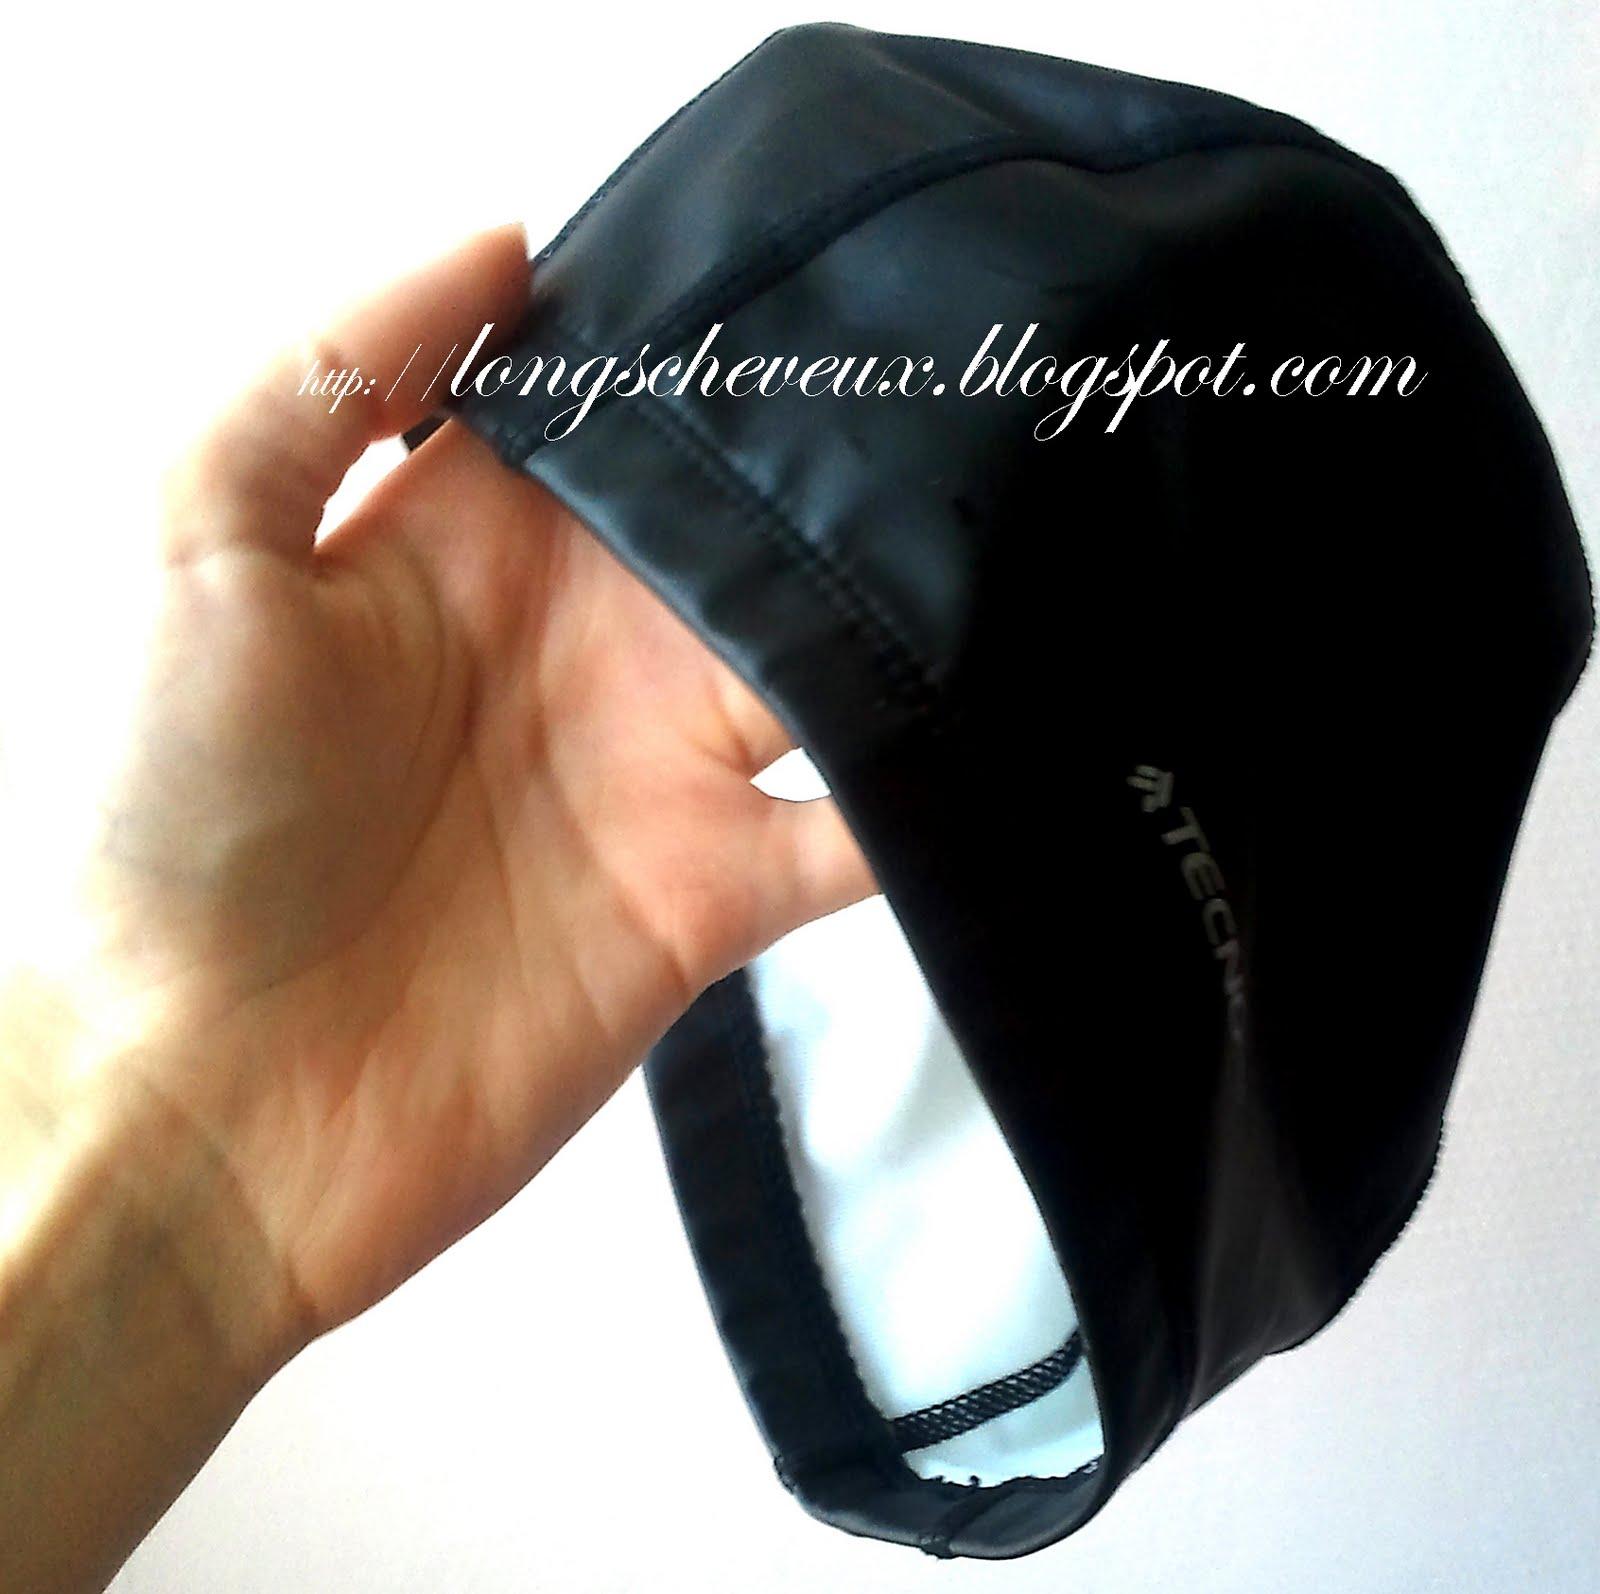 J\u0027ai opté pour un bonnet « alternatif ». L\u0027extérieur est en silicone,  tandis que l\u0027intérieur est en tissu synthétique. Il glisse facilement sur  la tête,